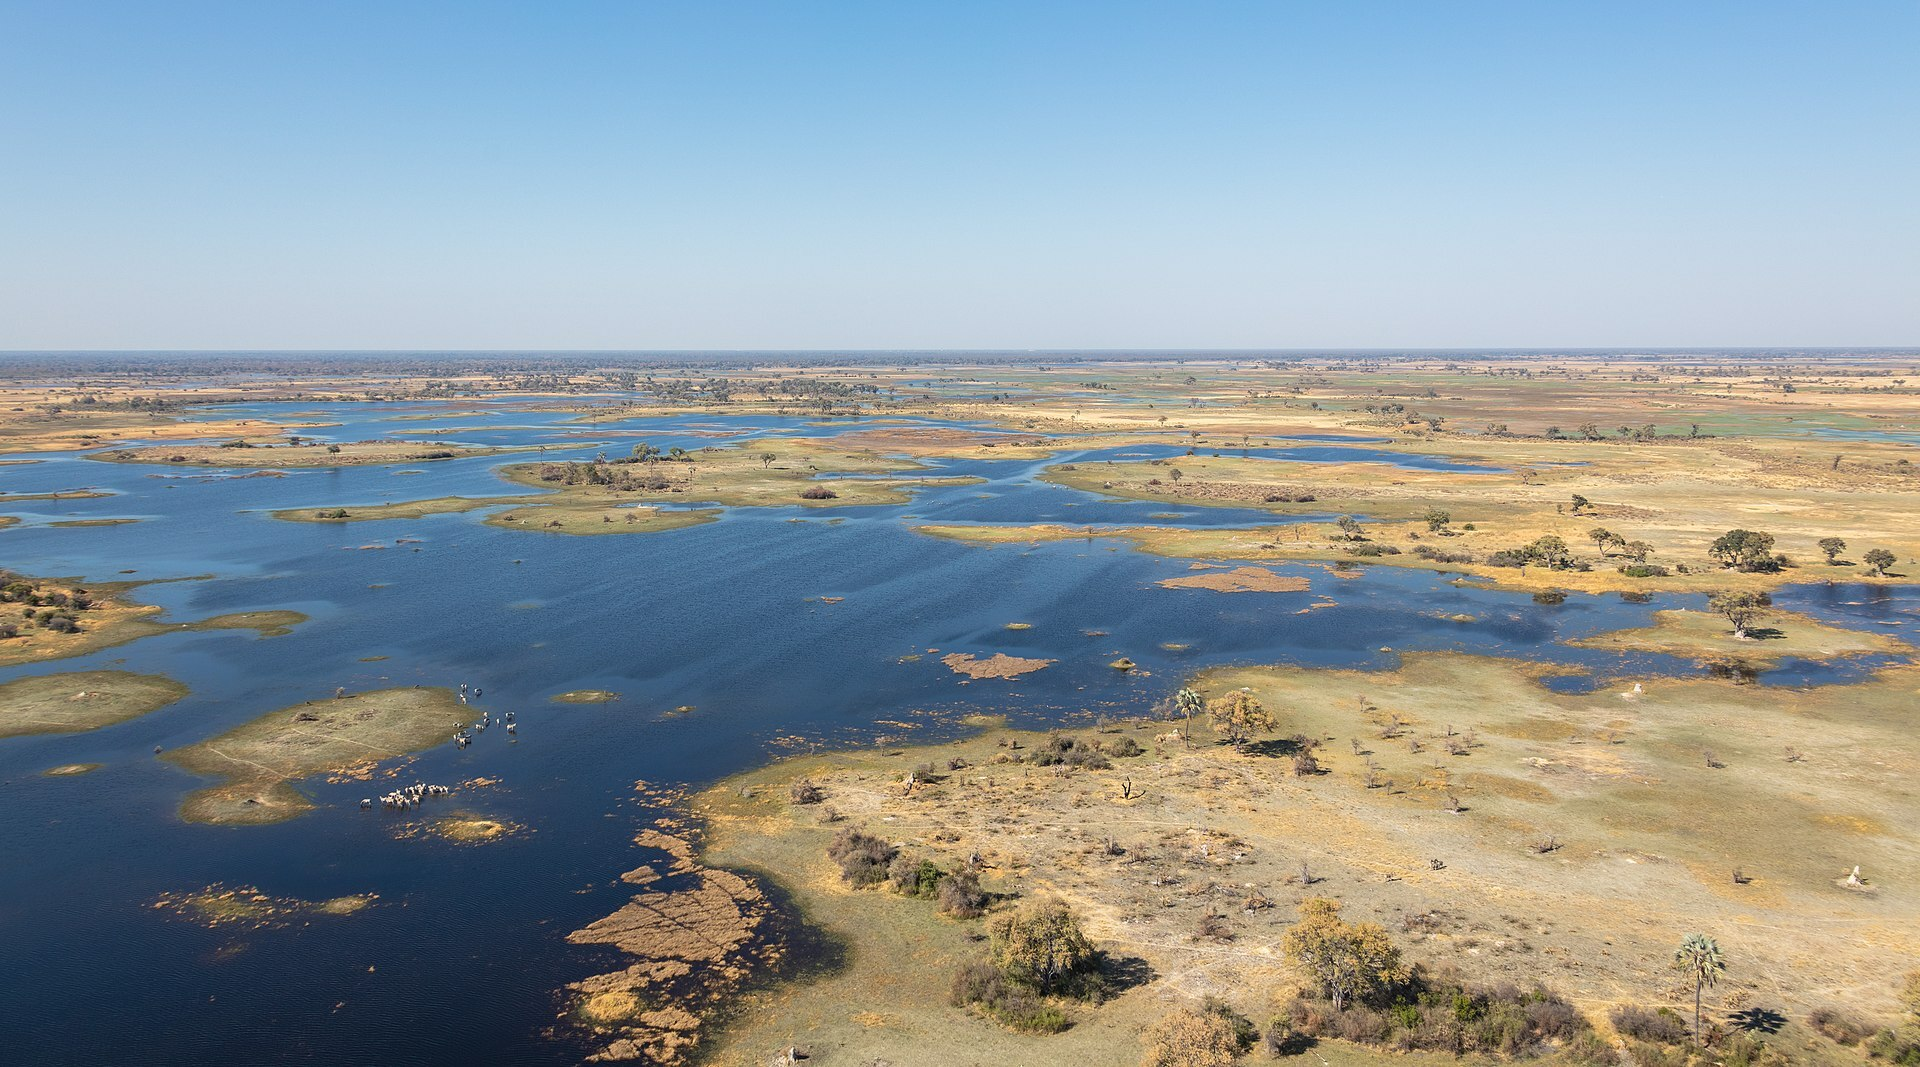 Typical region in the Okavango Delta